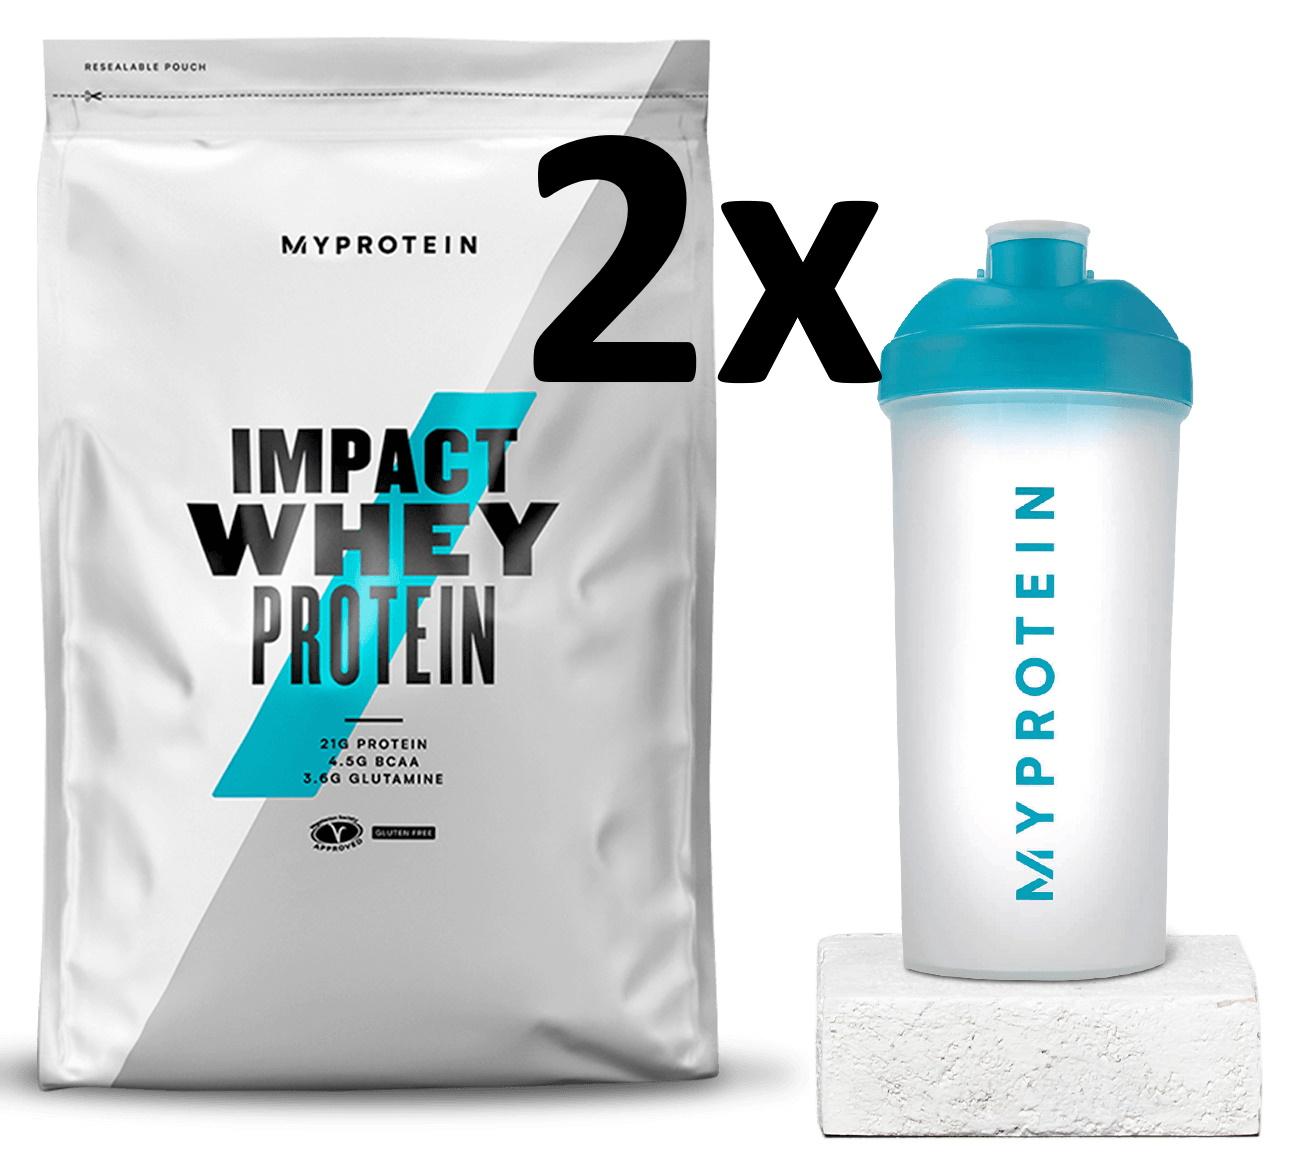 2x Myprotein Starter Pack (2x 1kg Impact Whey Protein + 2 Shaker) für 19,78€ inkl. Versand